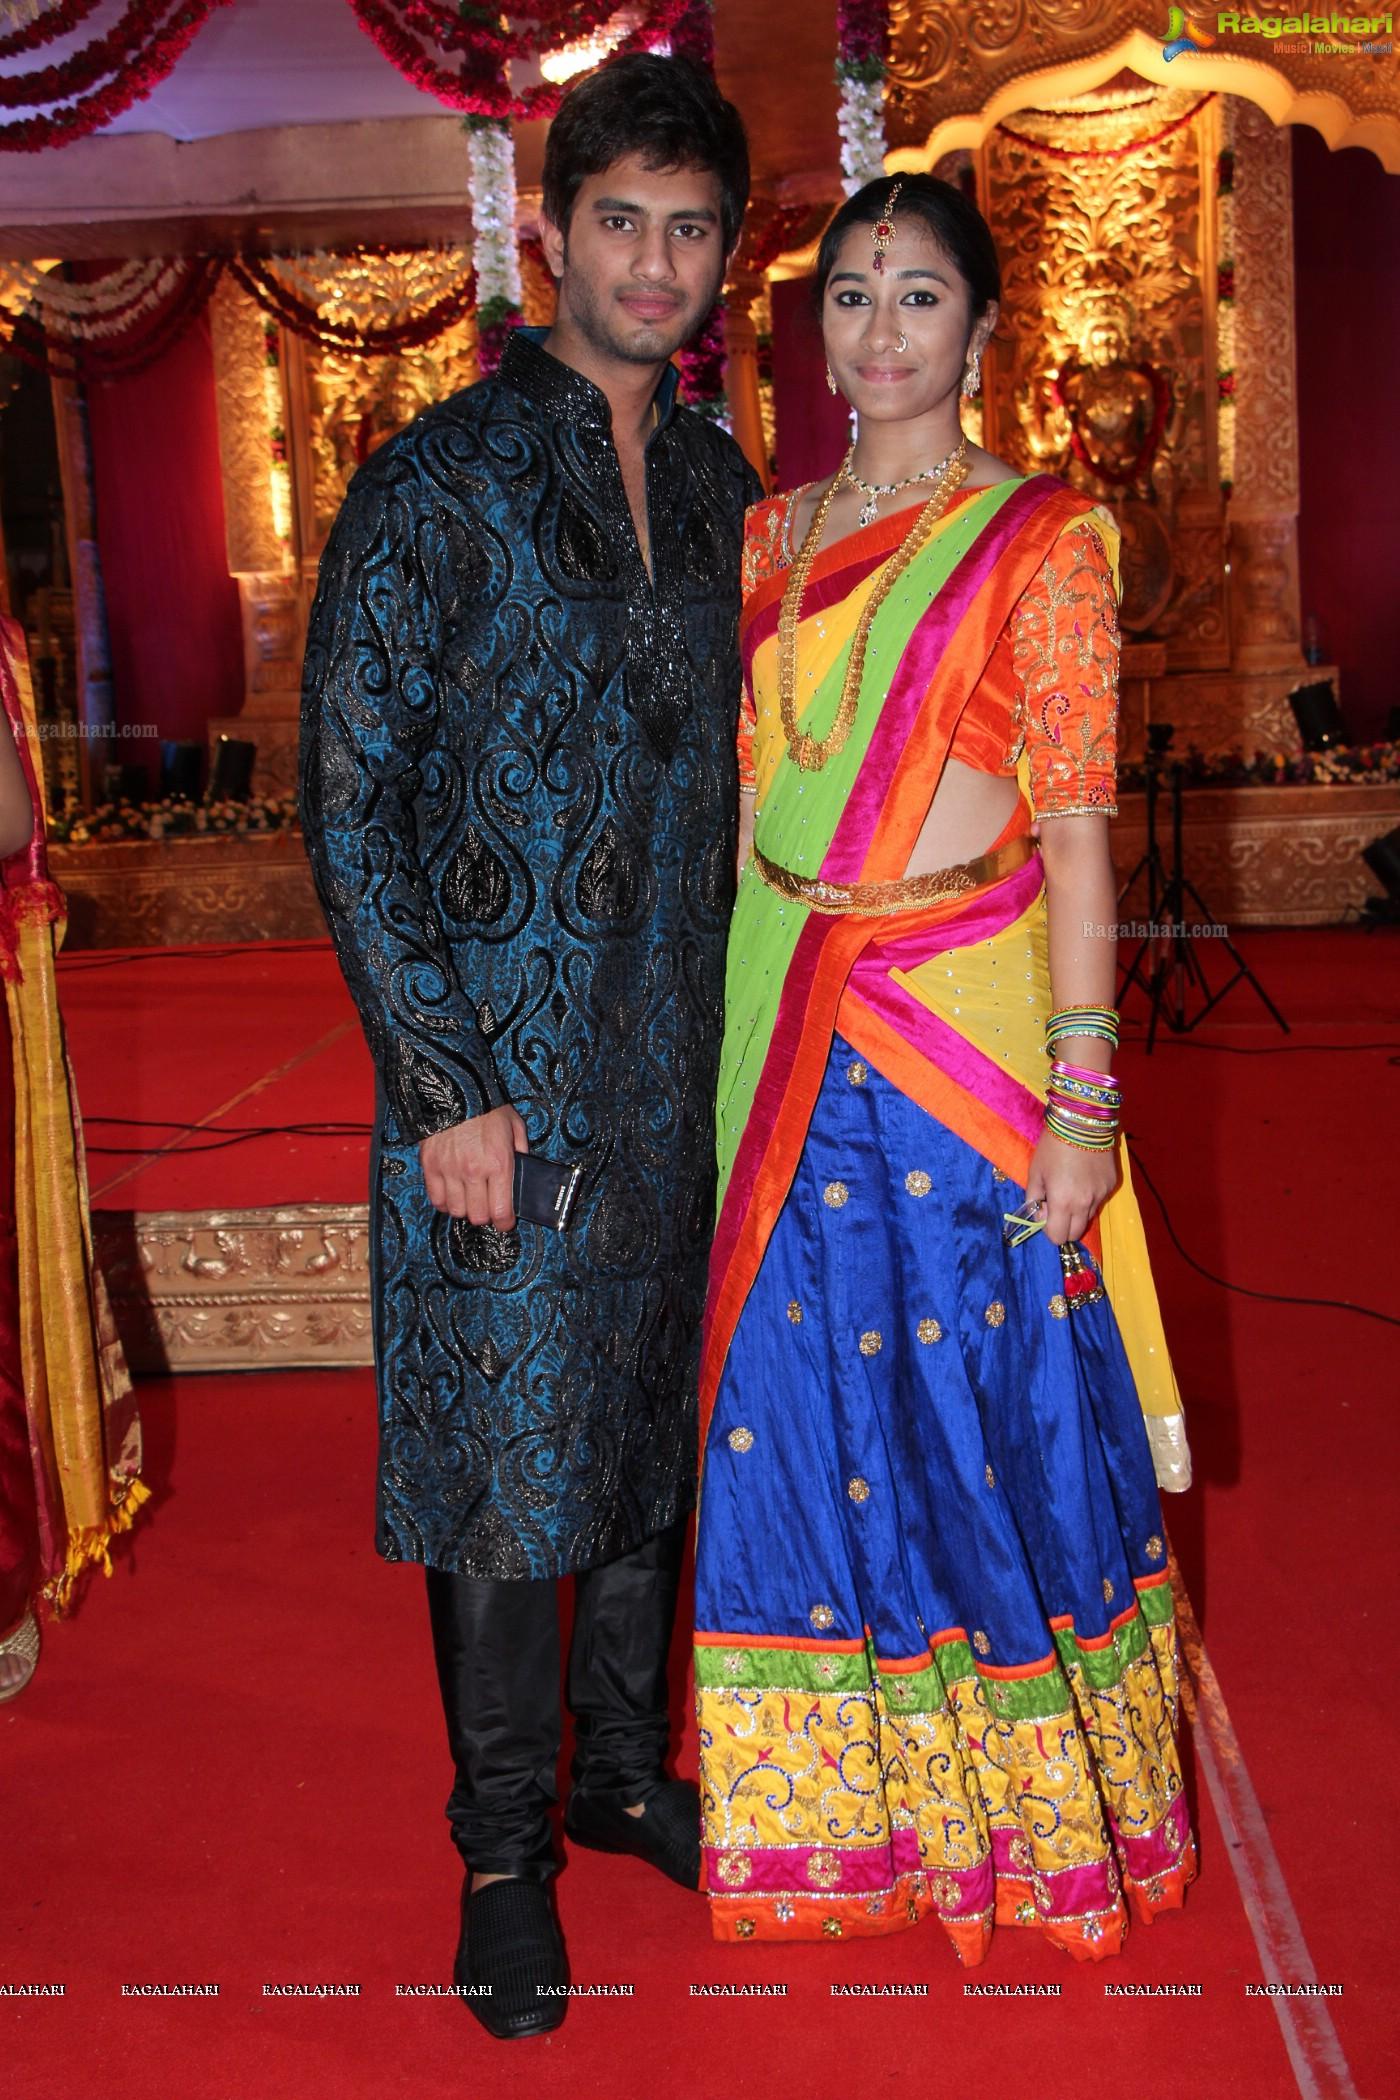 Madhuri reddy wedding